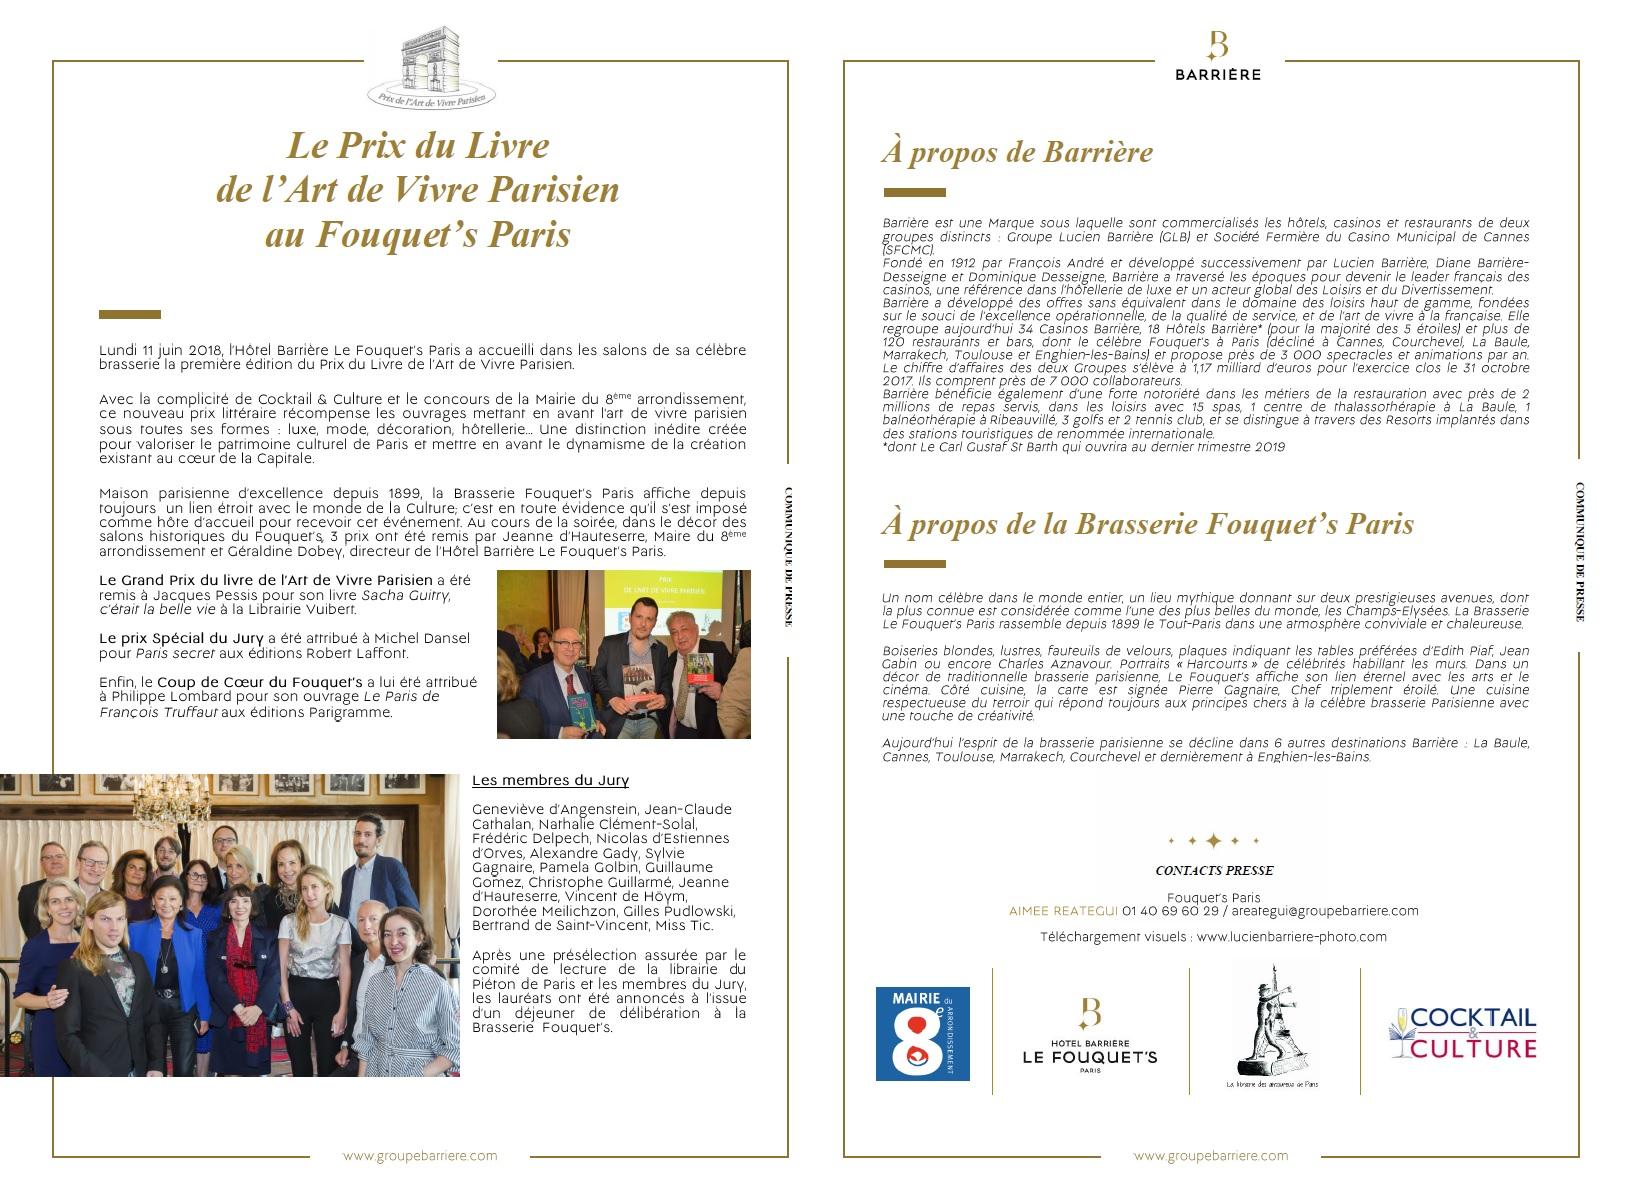 Communiqué de presse Art de Vivre Parisien